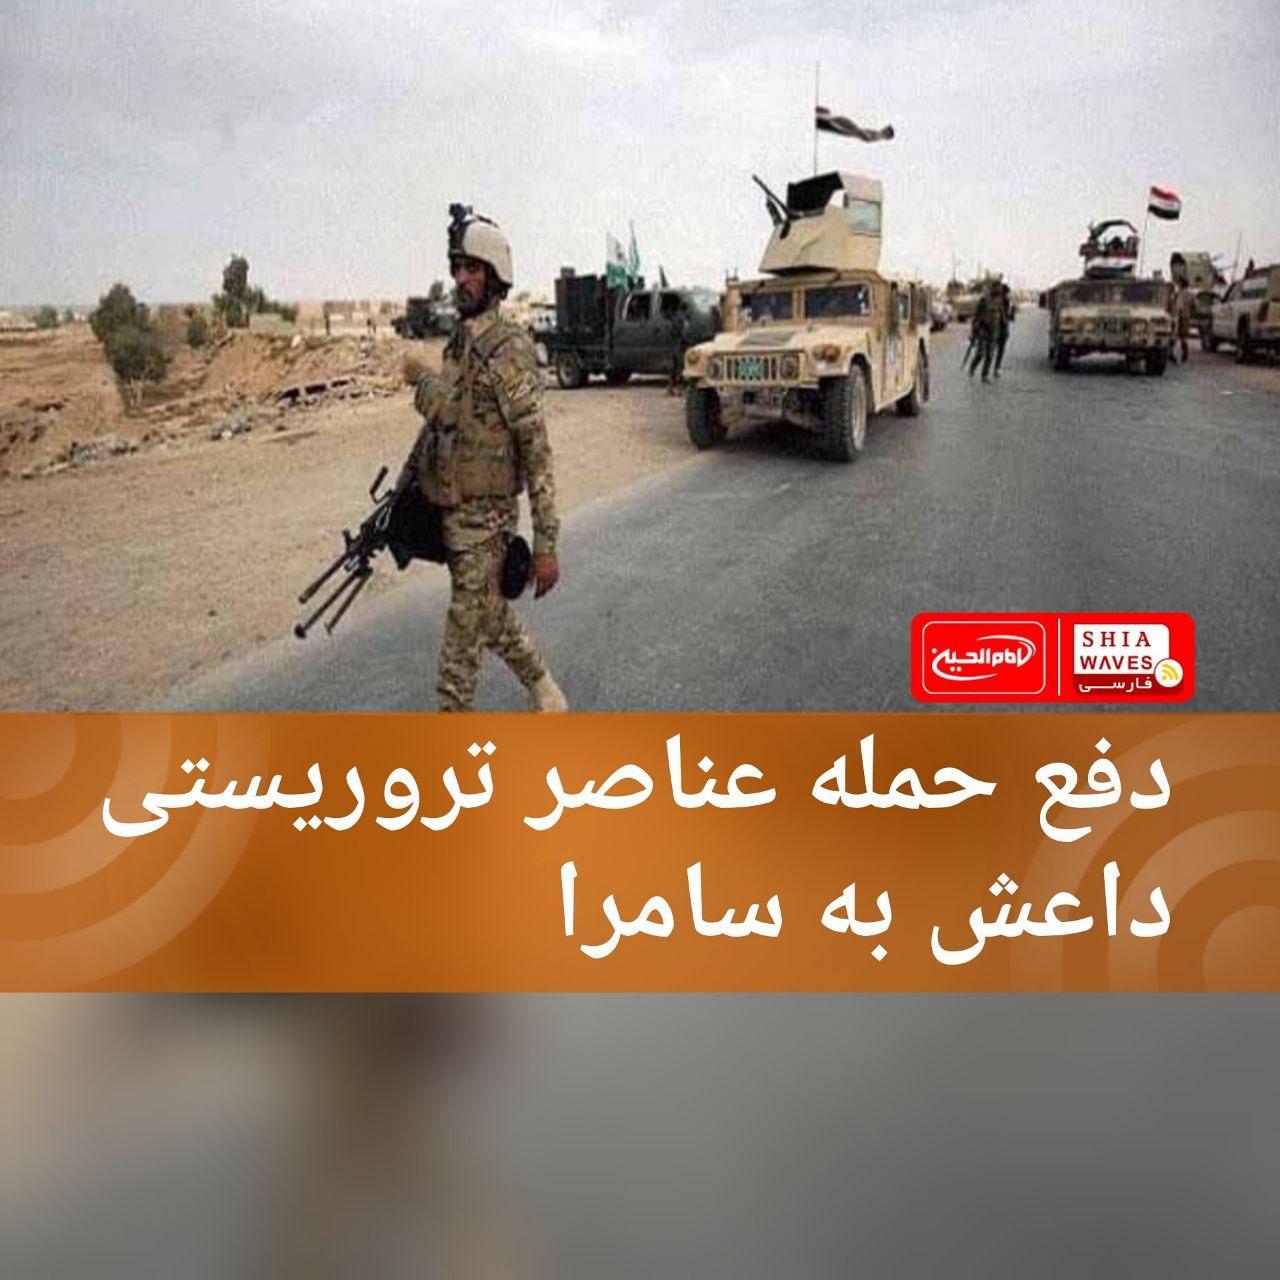 تصویر دفع حمله عناصر تروریستی داعش به سامرا